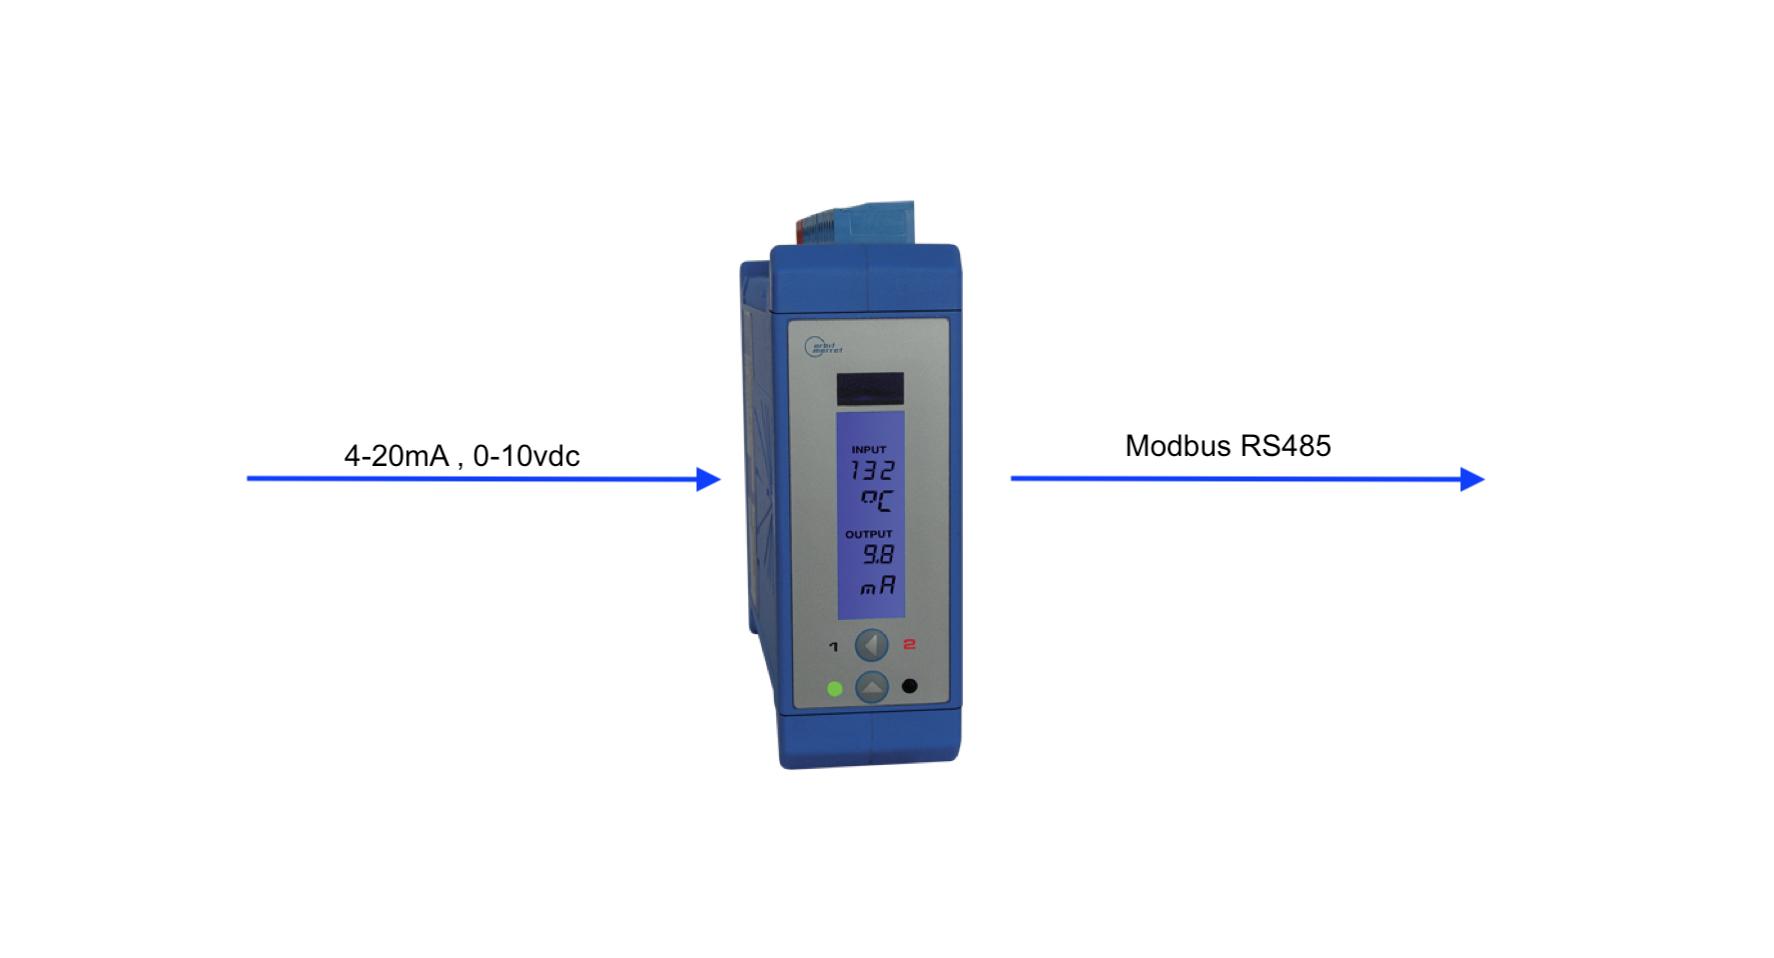 Bộ Chuyển Tín Hiệu 4-20mA sang RS485